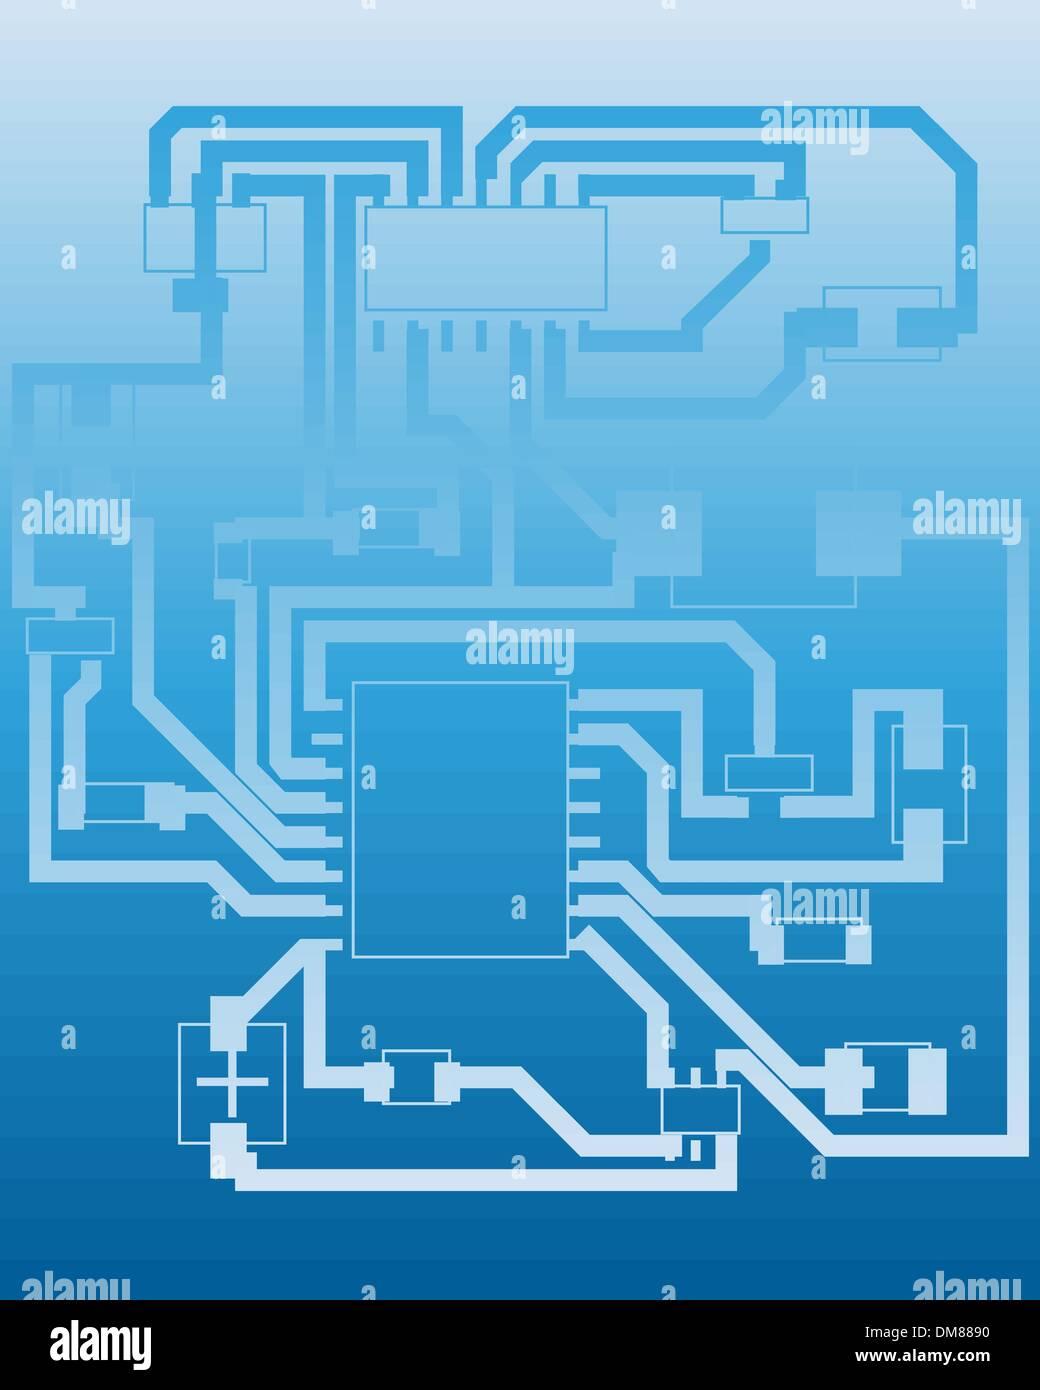 Schema Elettrico Quadro : Schema elettrico immagini & schema elettrico fotos stock alamy